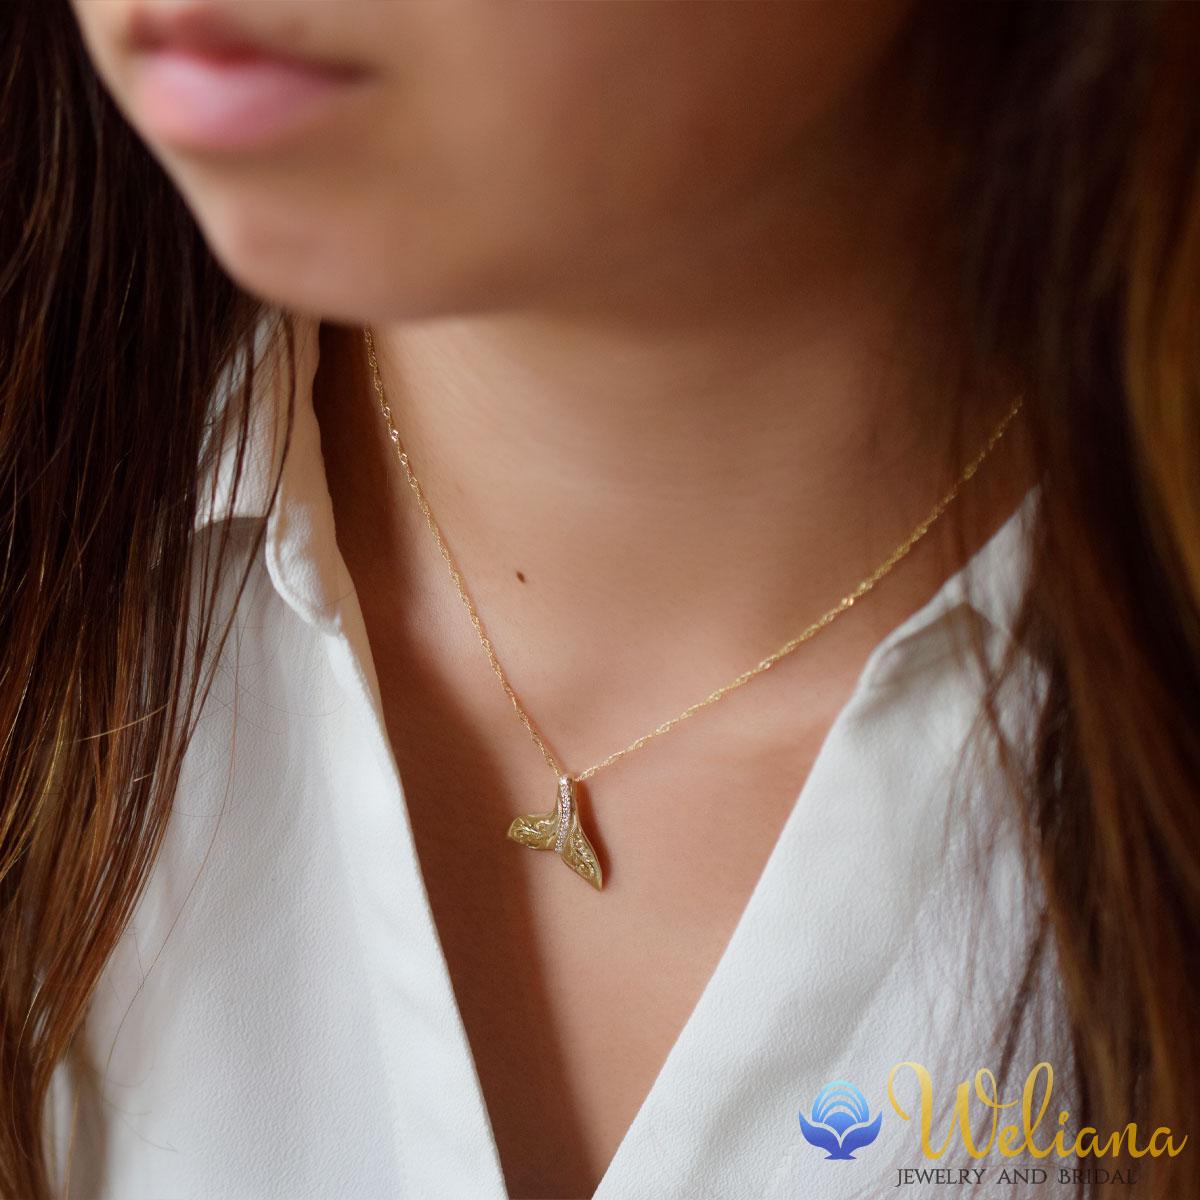 K18 ゴールド 18金 ダイヤモンド ネックレス ハワイアンジュエリー ホエールテイル ペンダント wpd1626a/新作